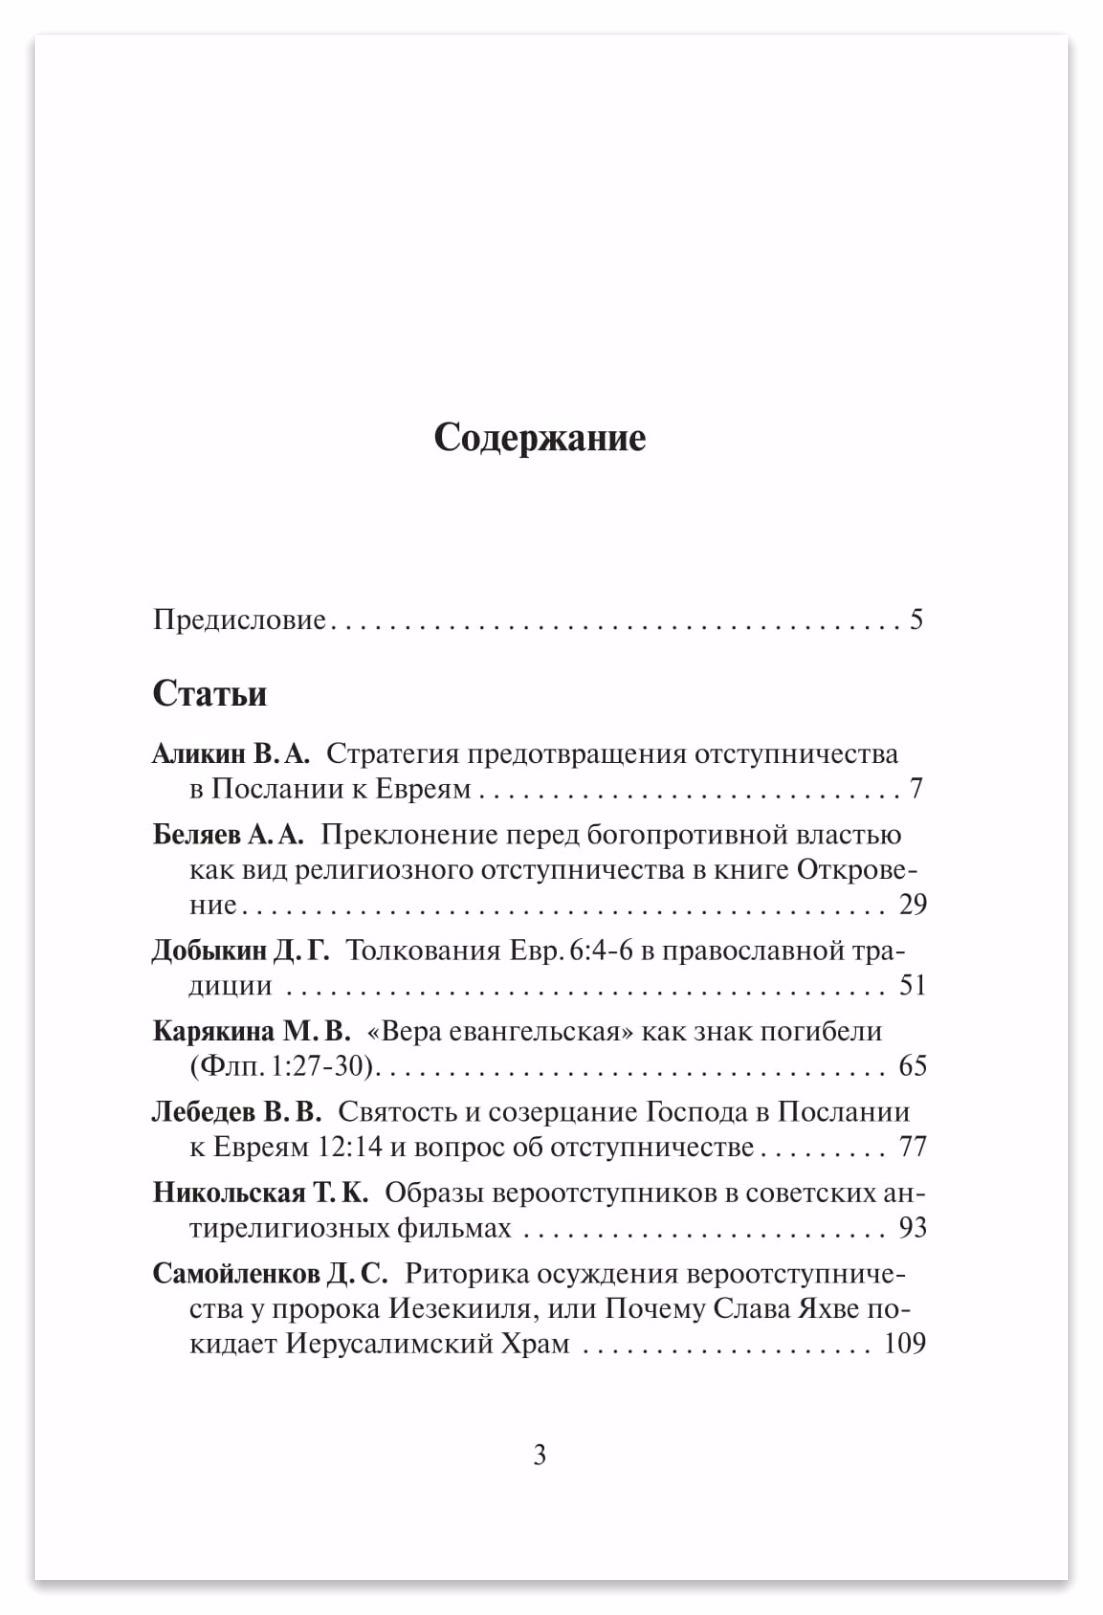 Труды СПбХУ 9 Содержание стр 3